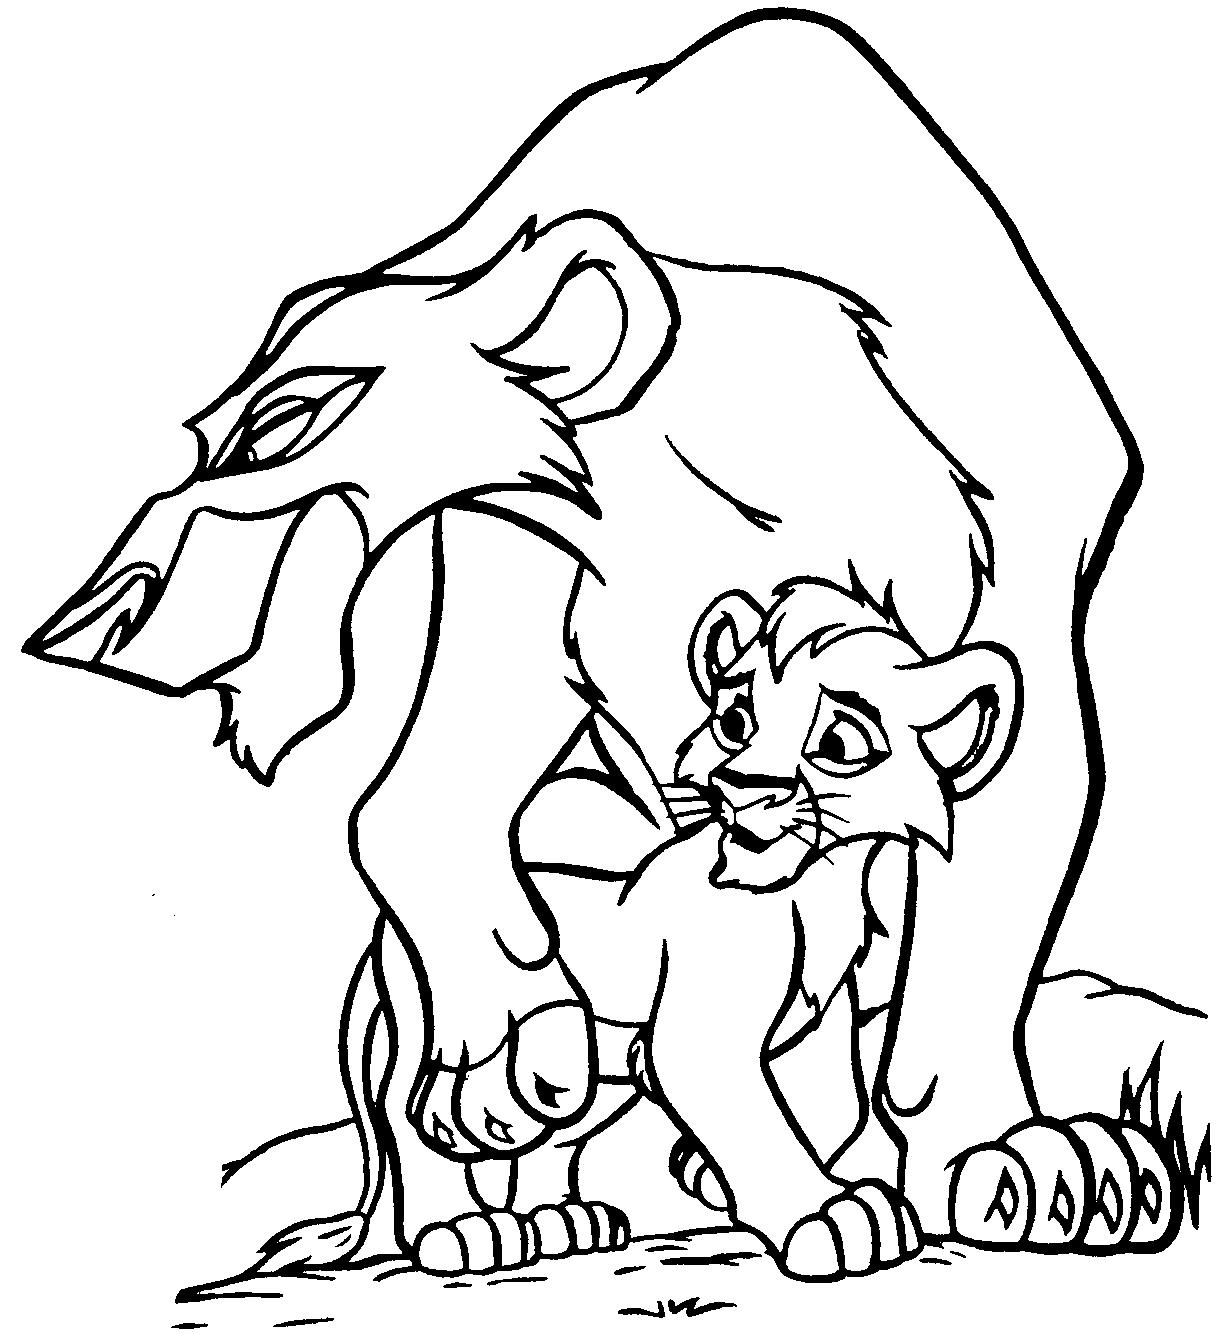 Coloriage A Imprimer Roi Lion 2 - Ancenscp tout Coloriage Roi Lion À Imprimer